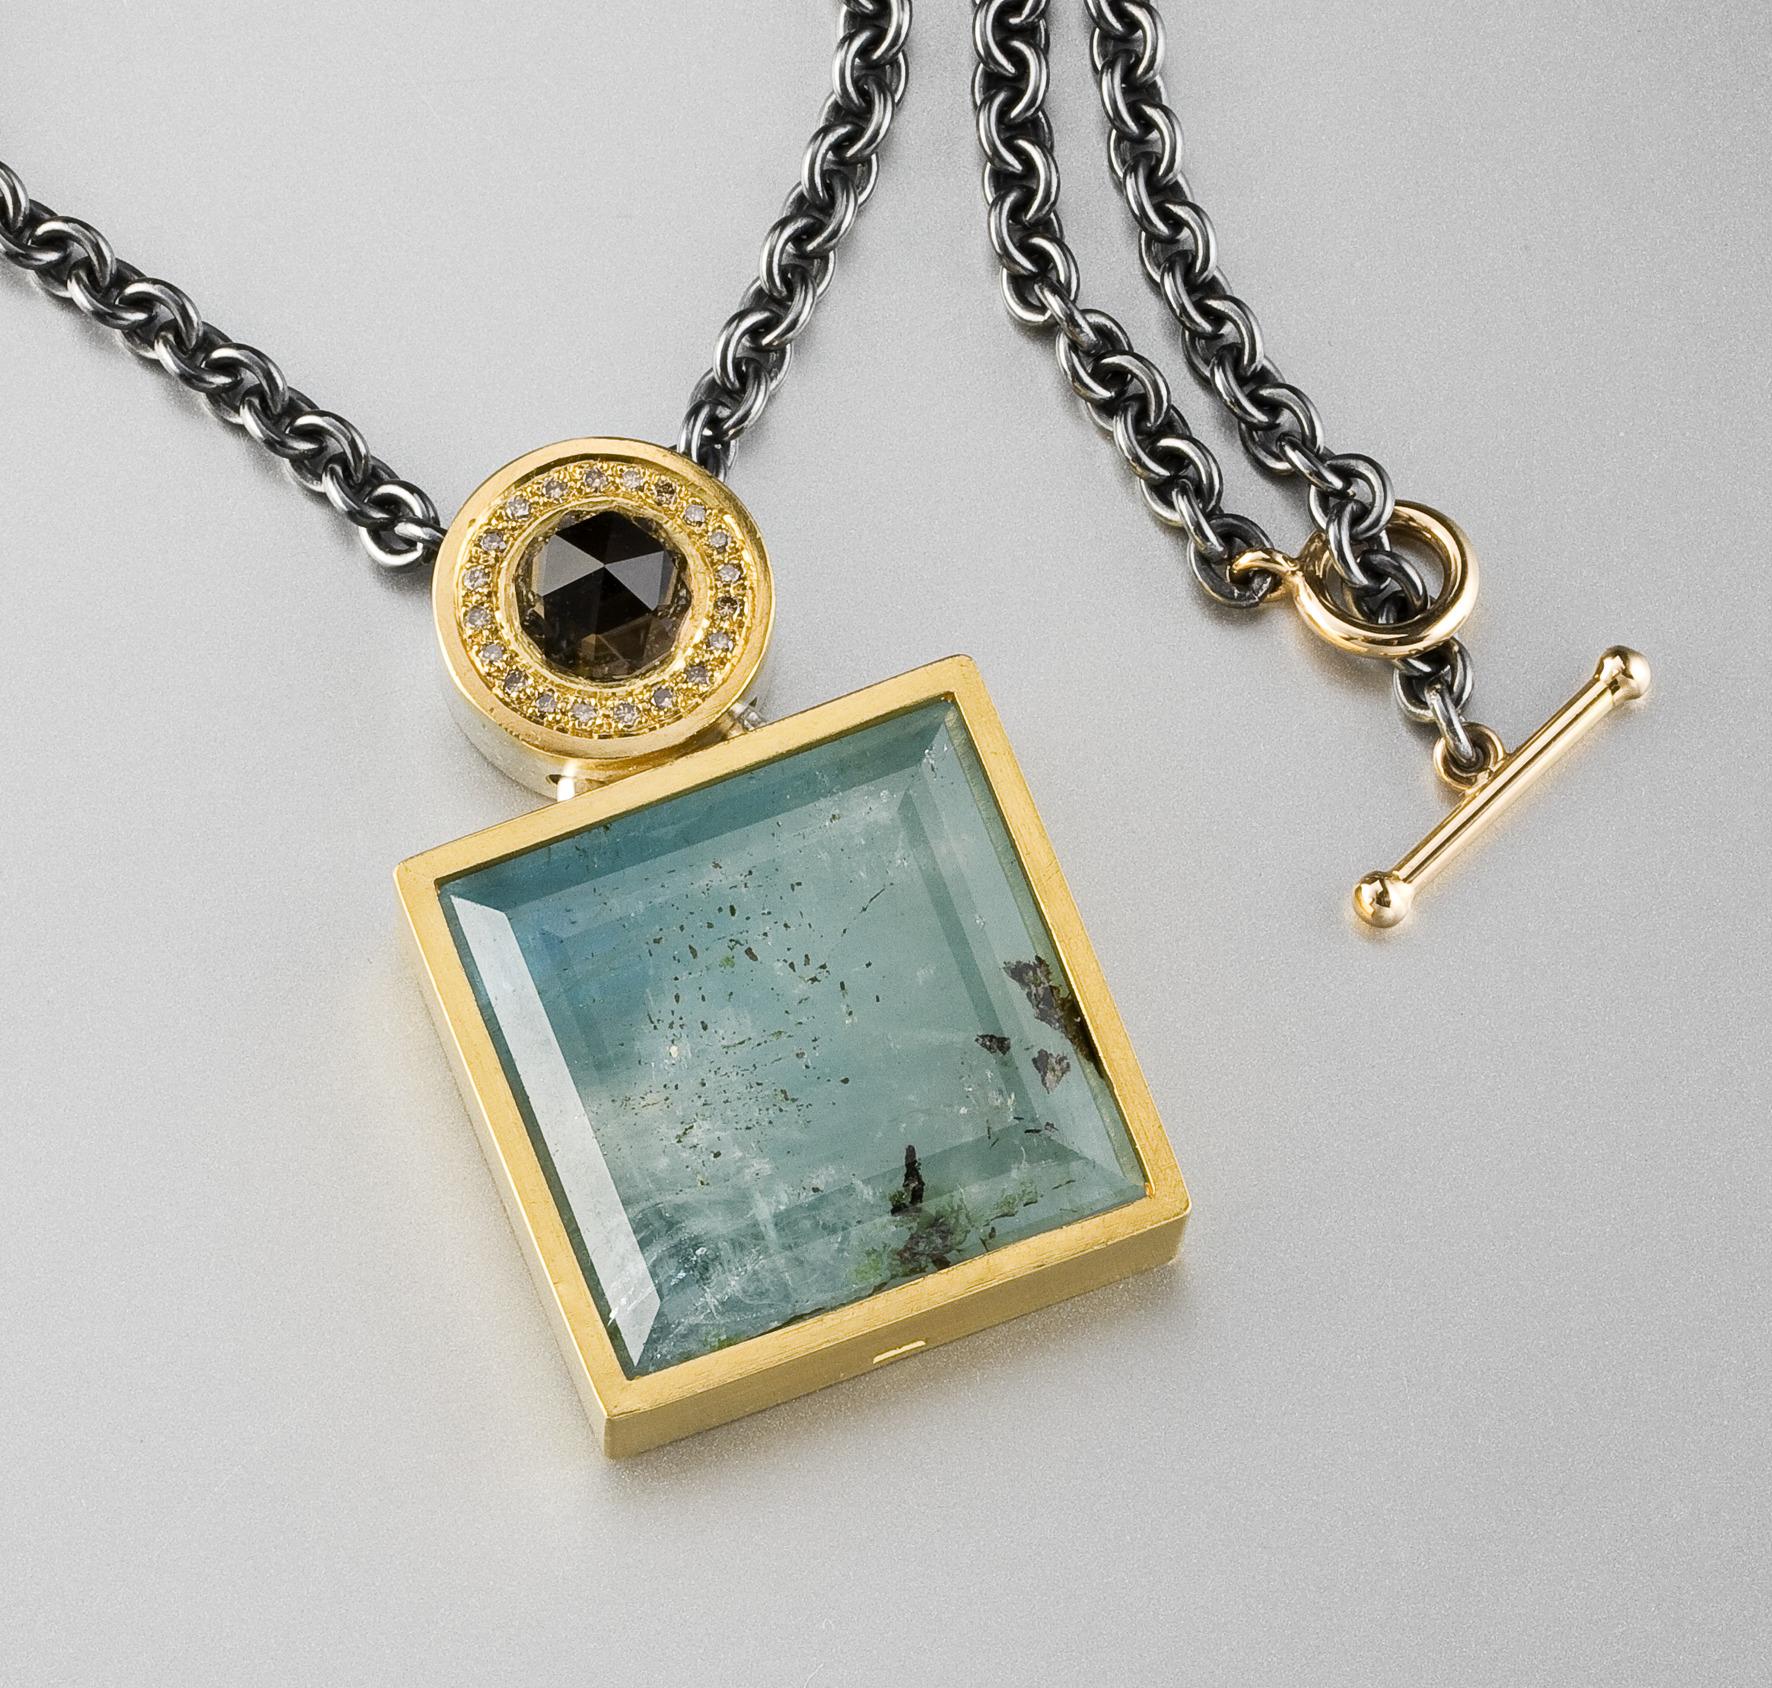 Hänge, silver, 23k guld, akvamarin, rökkvarts och bruna briljanter